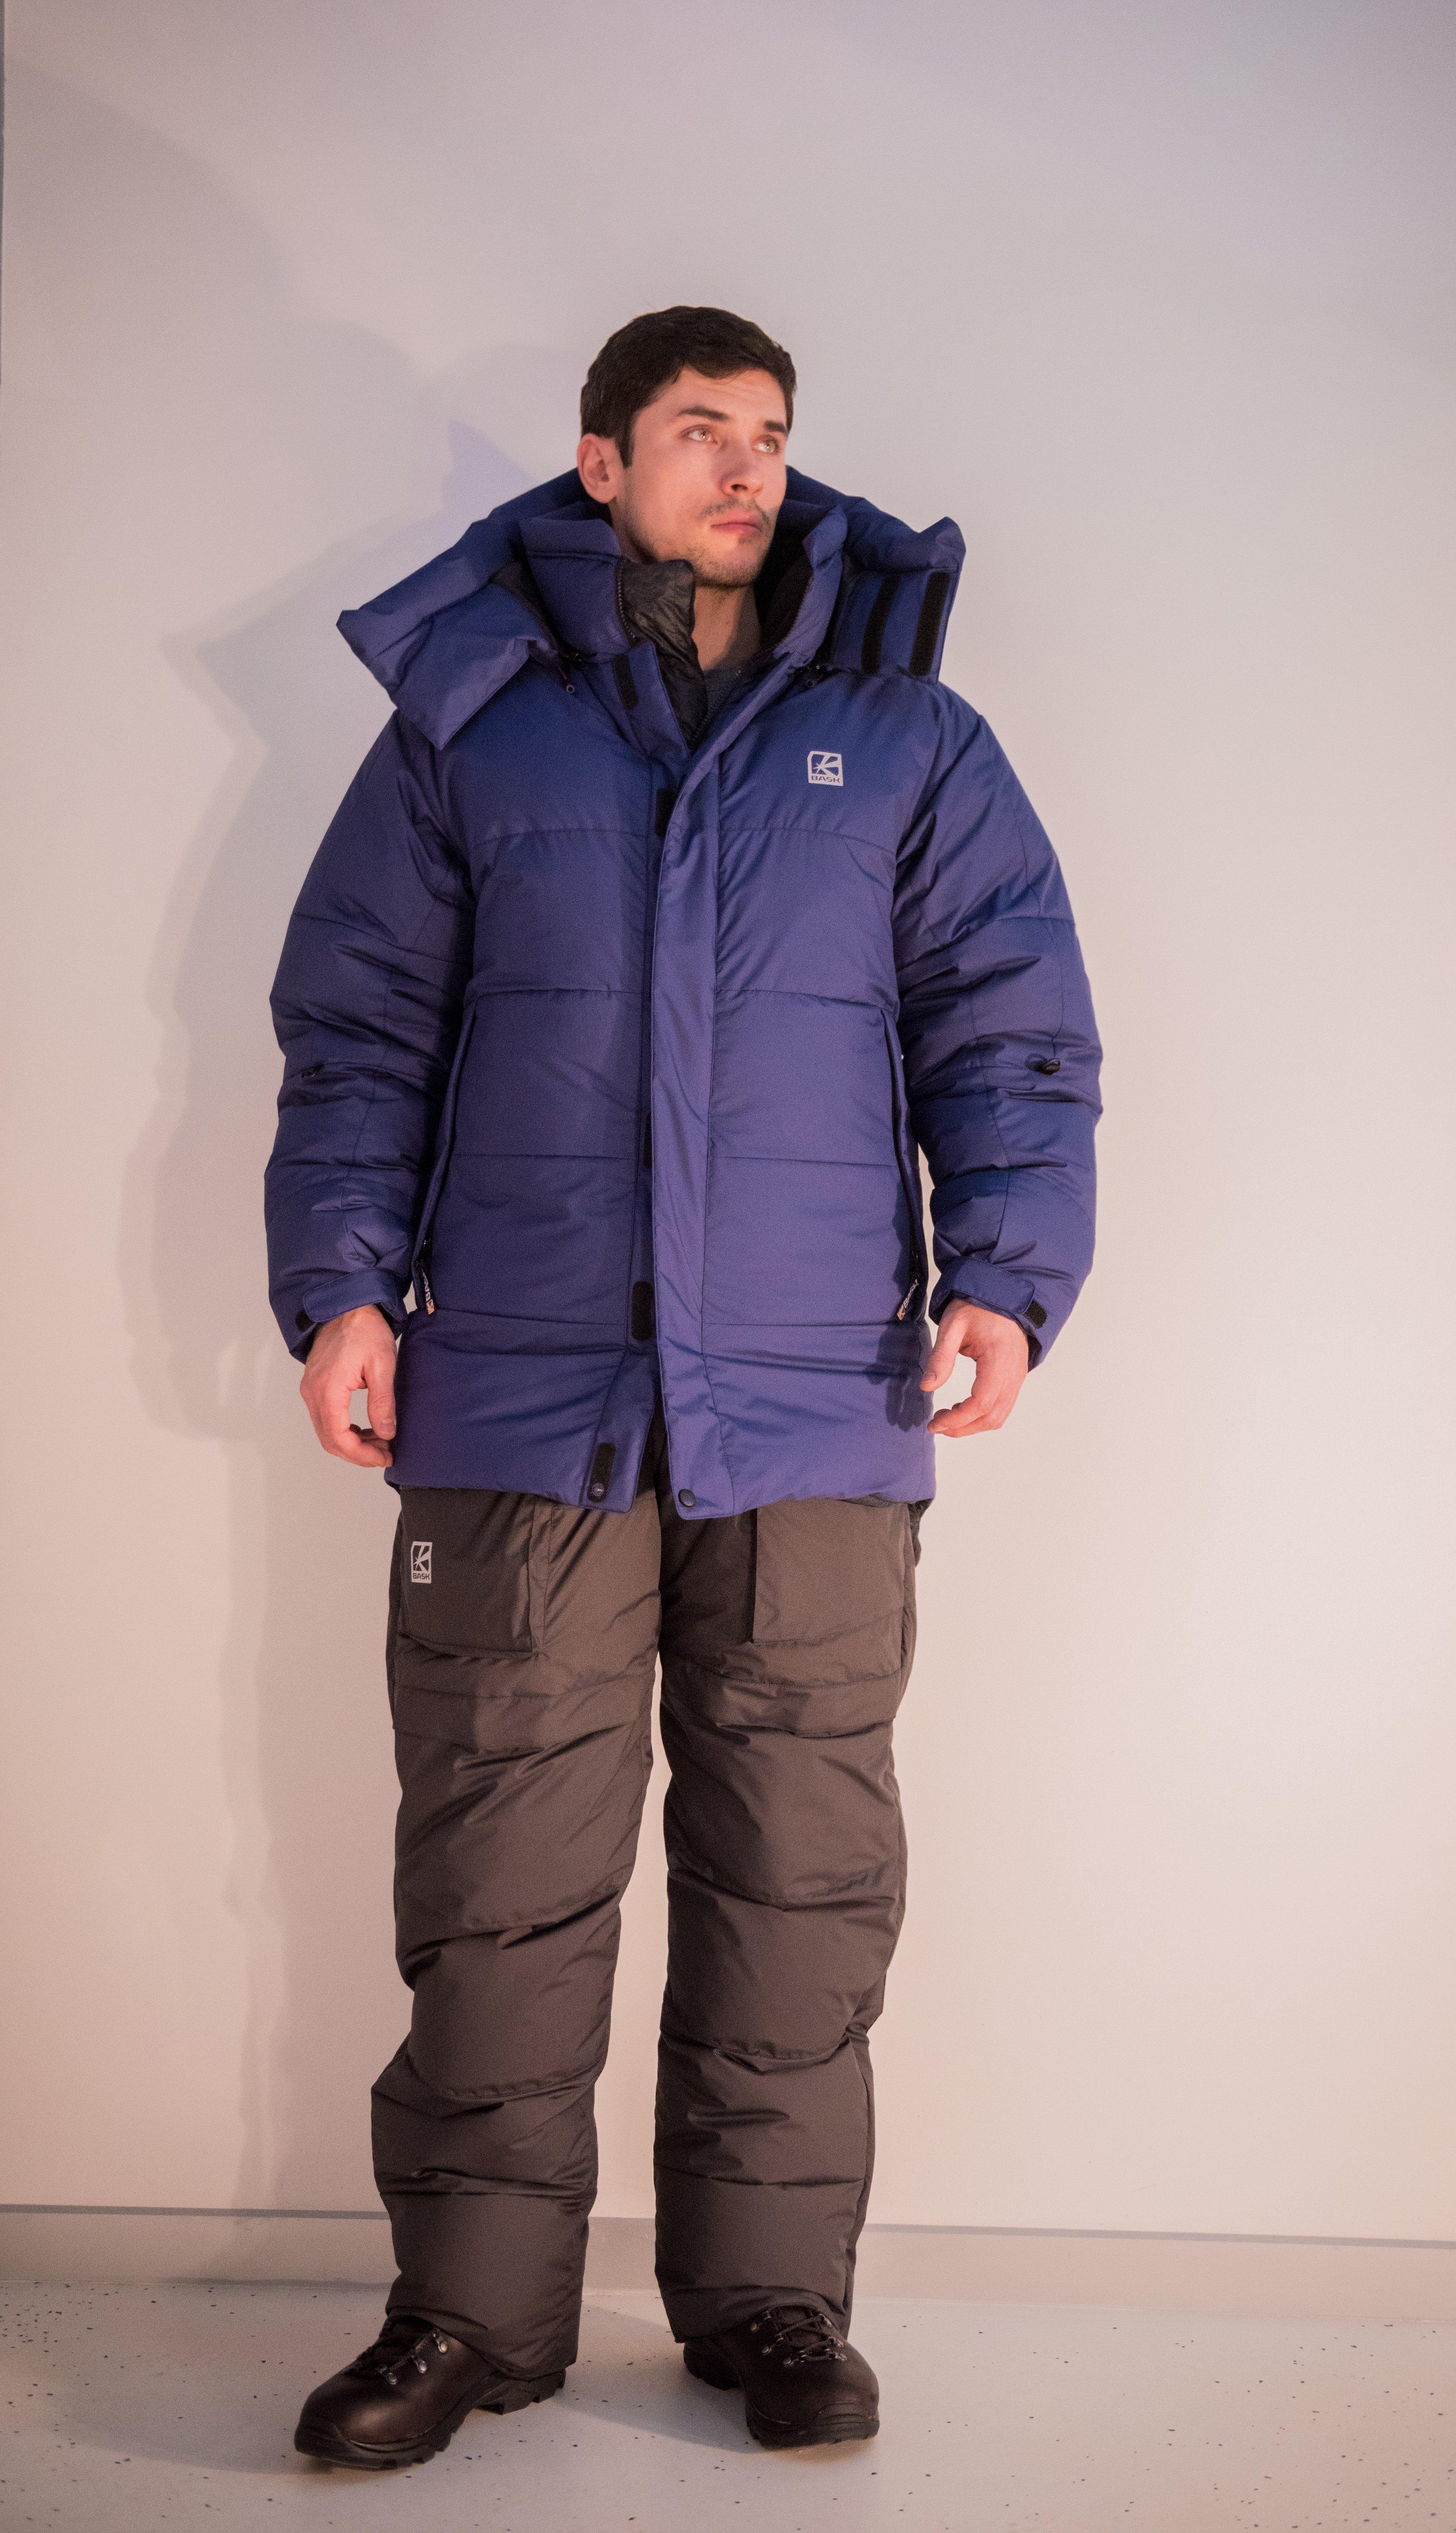 Пуховая куртка BASK KHAN TENGRI V7 3324DКуртки<br><br><br>&quot;Дышащие&quot; свойства: Да<br>Верхняя ткань: Gelanots® GHB<br>Вес граммы: 1150<br>Вес утеплителя: 450<br>Ветро-влагозащитные свойства верхней ткани: Да<br>Ветрозащитная планка: Да<br>Ветрозащитная юбка: Да<br>Влагозащитные молнии: Нет<br>Внутренние манжеты: Да<br>Внутренняя ткань: Advance® Classic<br>Водонепроницаемость: 1000<br>Дублирующий центральную молнию клапан: Да<br>Защитный козырёк капюшона: Нет<br>Капюшон: Съемный<br>Количество внешних карманов: 3<br>Количество внутренних карманов: 2<br>Коллекция: Alpine Expert DOWN<br>Мембрана: Да<br>Объемный крой локтевой зоны: Да<br>Отстёгивающиеся рукава: Нет<br>Паропроницаемость: 7000<br>Показатель Fill Power (для пуховых изделий): 850<br>Пол: Мужской<br>Проклейка швов: Нет<br>Регулировка манжетов рукавов: Да<br>Регулировка низа: Да<br>Регулировка объёма капюшона: Да<br>Регулировка талии: Да<br>Регулируемые вентиляционные отверстия: Нет<br>Световозвращающая лента: Нет<br>Температурный режим: -35<br>Технология Thermal Welding: Нет<br>Технология швов: Теплые и закрытые<br>Тип молнии: Двухзамковая<br>Тип утеплителя: Натуральный<br>Ткань усиления: Advance® Ecliptic<br>Усиление контактных зон: Да<br>Утеплитель: Гусиный пух<br>Размер RU: 44<br>Цвет: КРАСНЫЙ